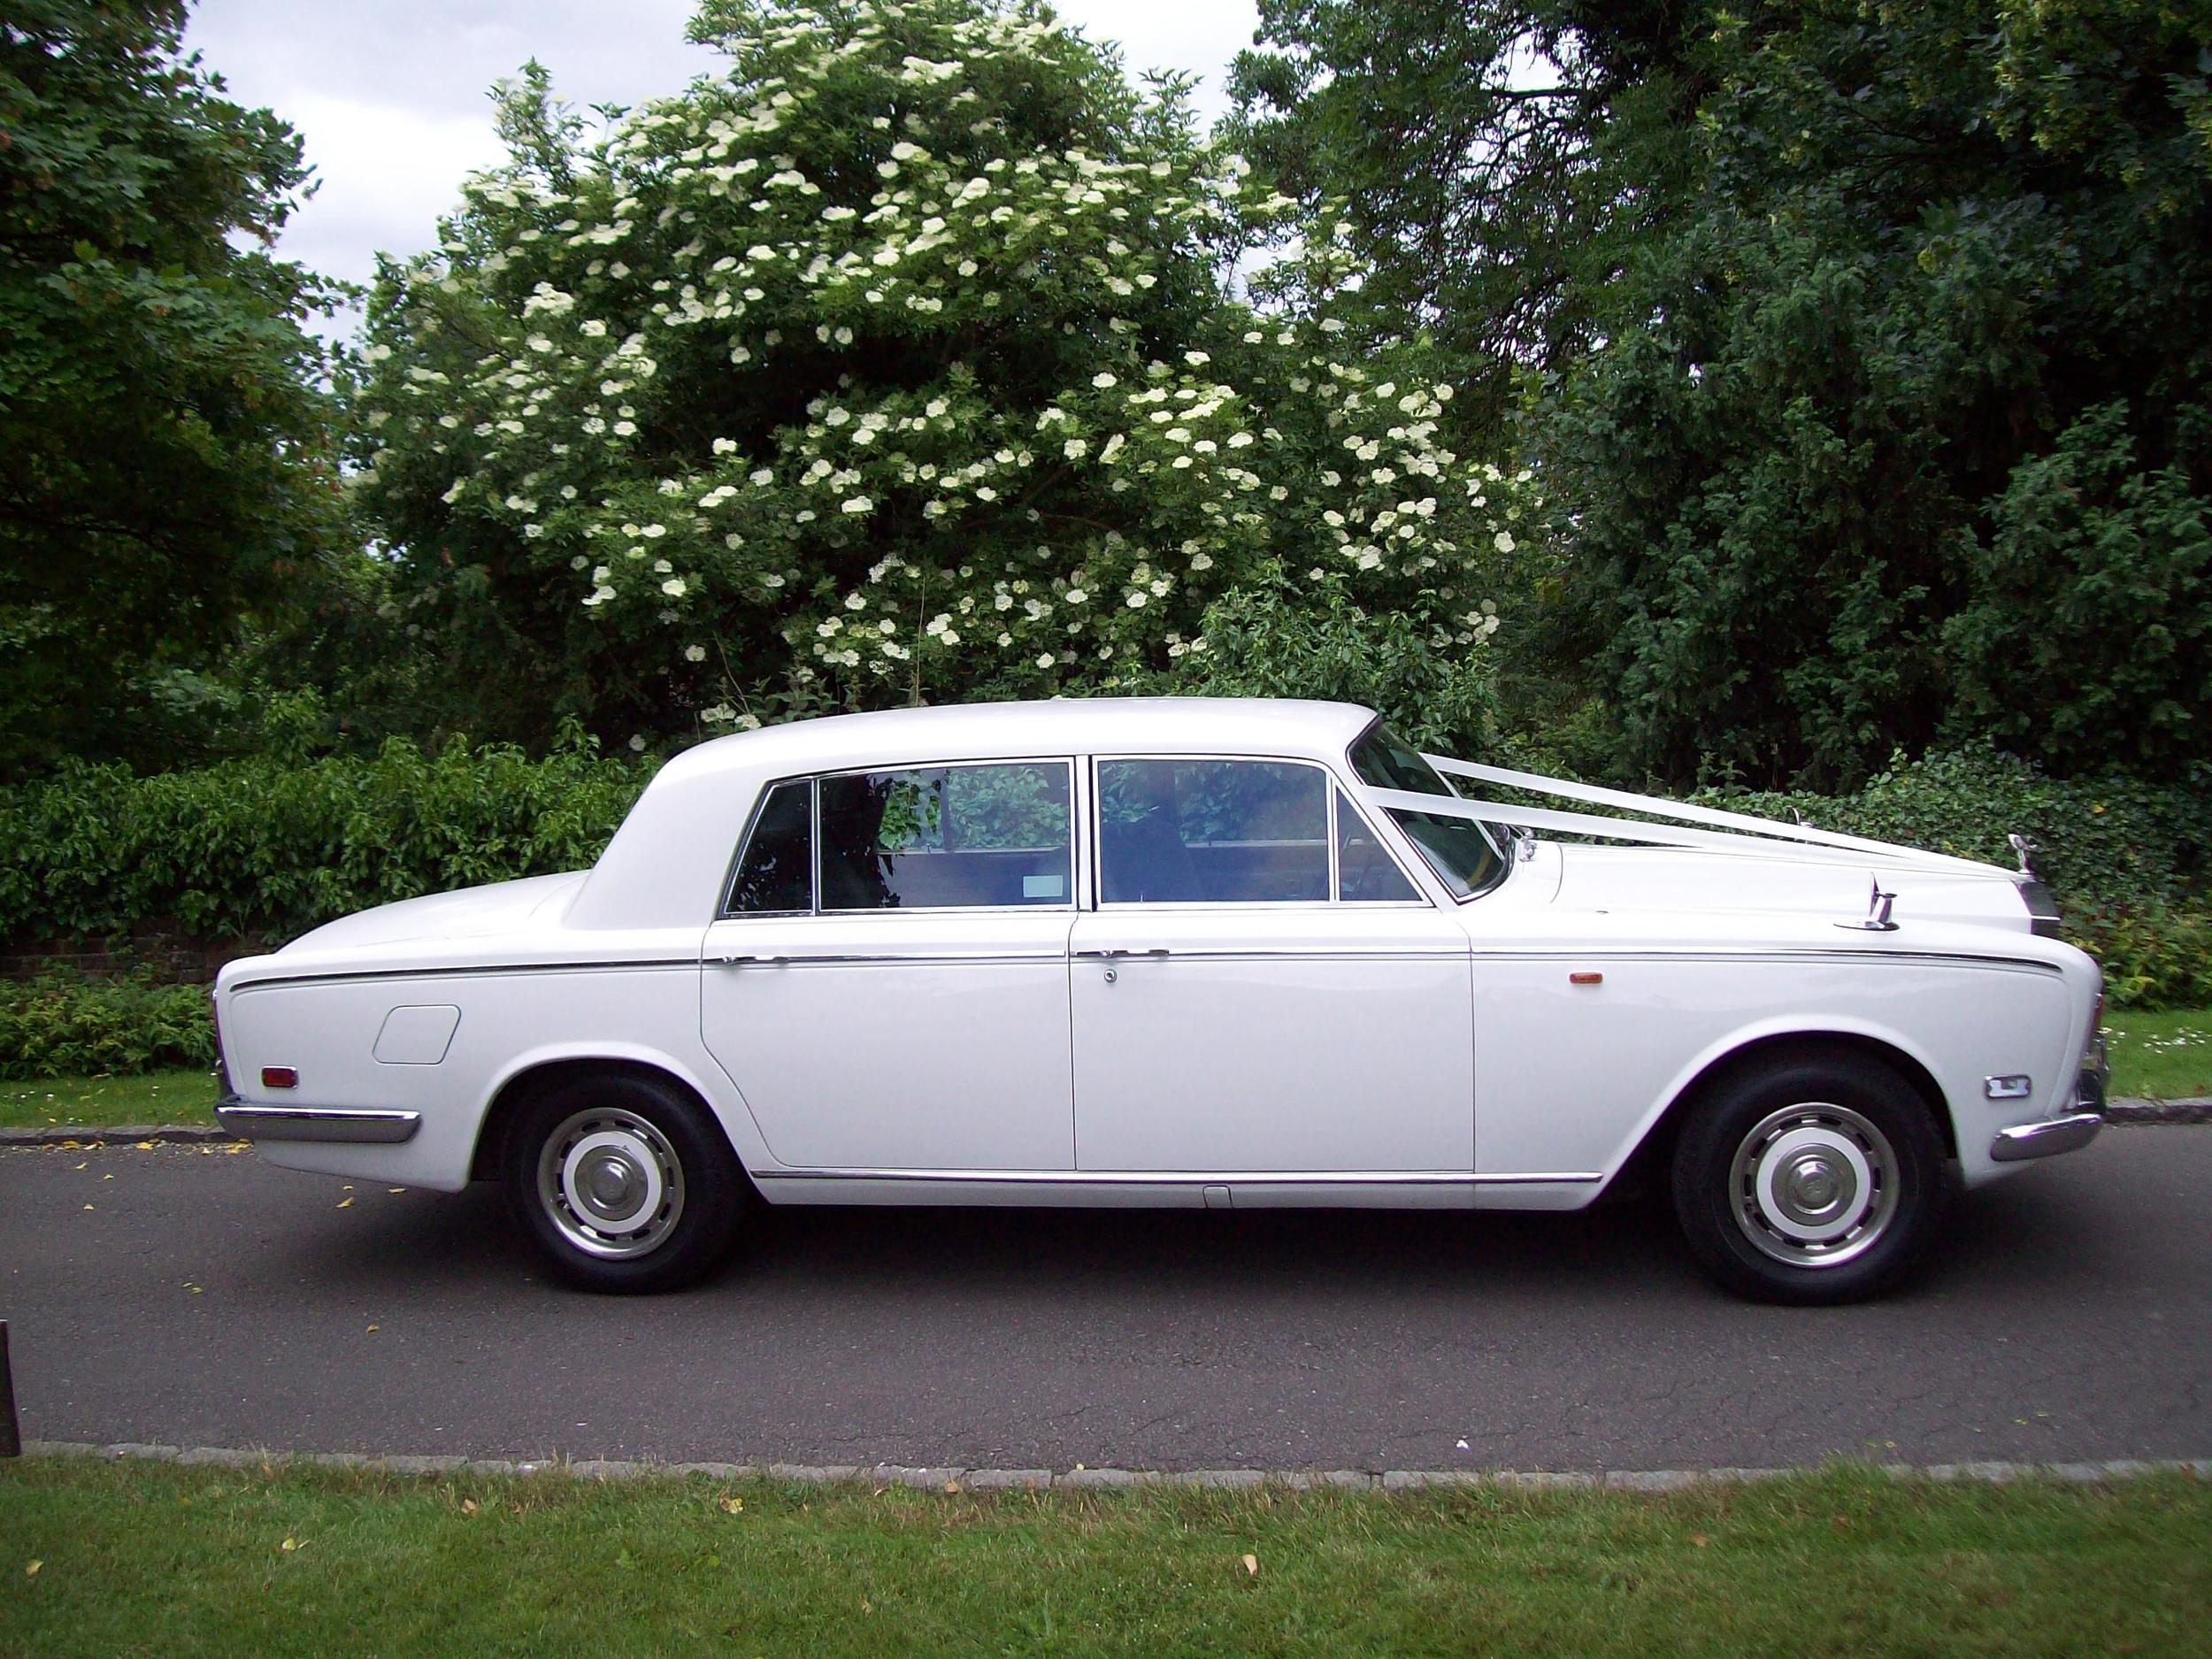 Rolls Royce Silver Shadow.JPG